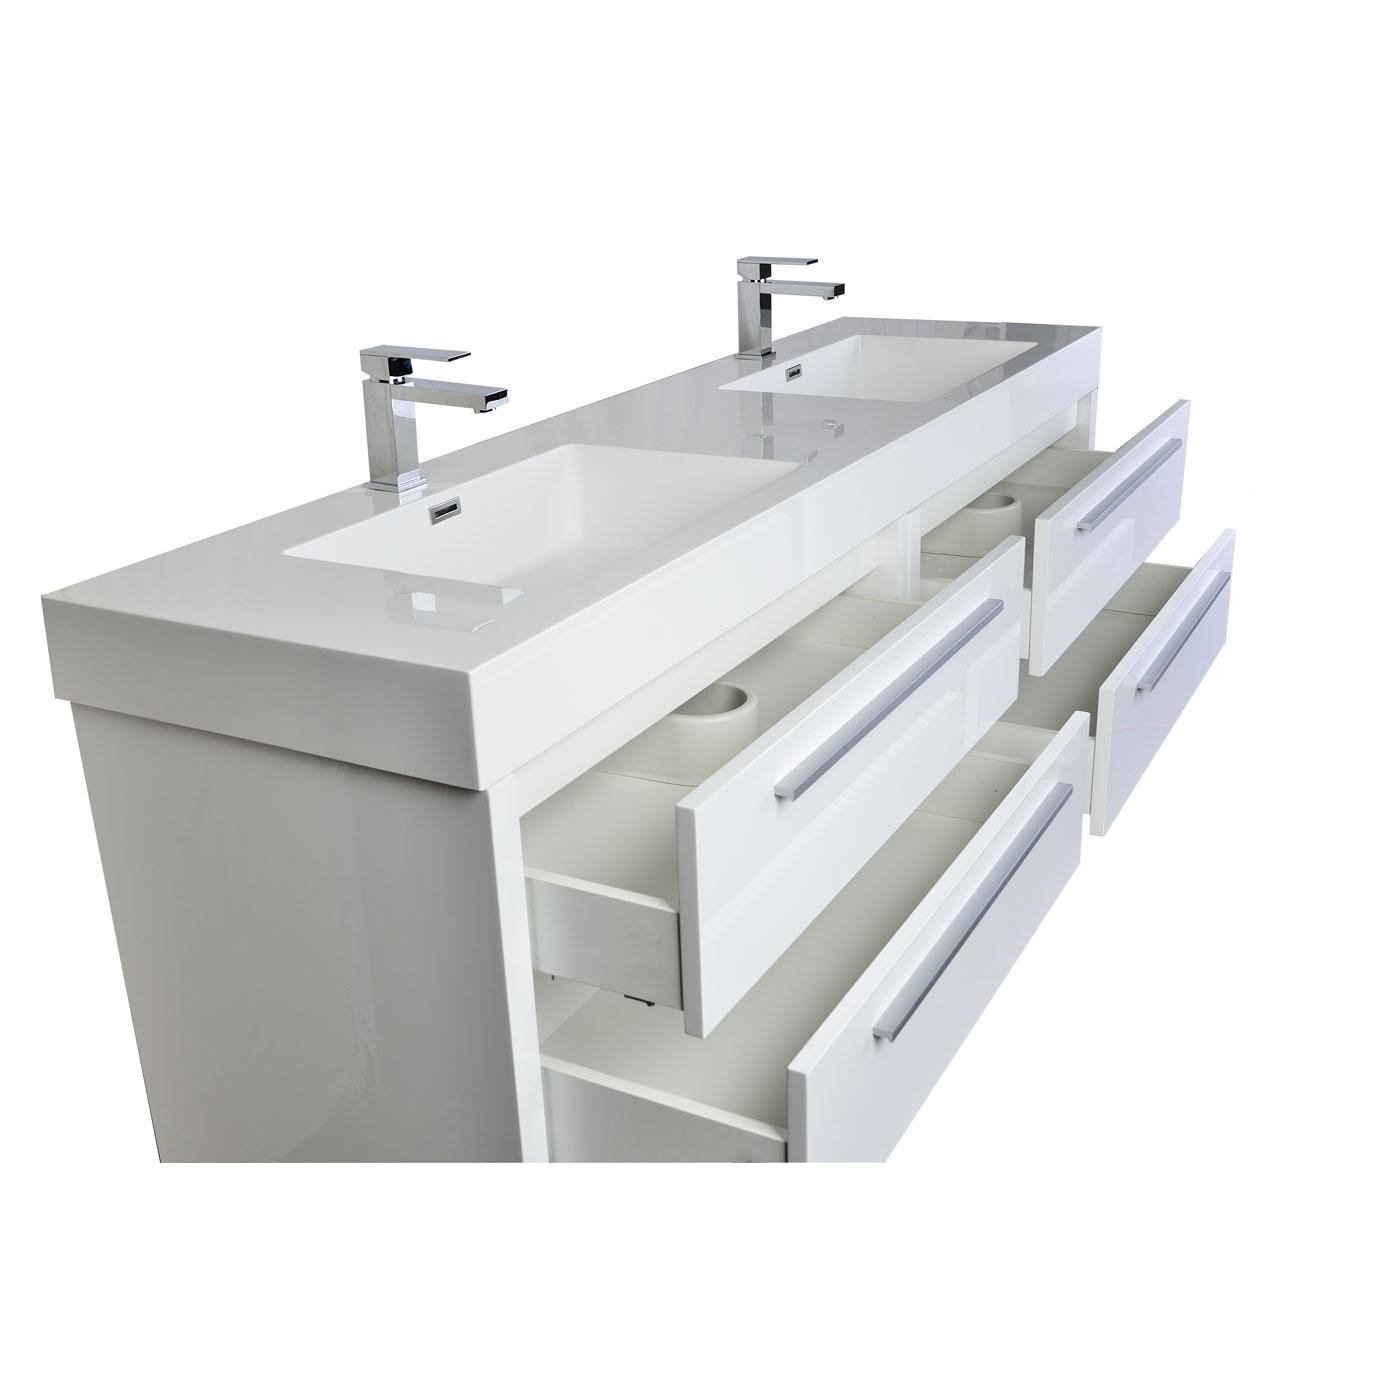 Contemporary double bathroom vanities - Mula 71 Contemporary Double Vanity Set White Rs La1810 Hgw